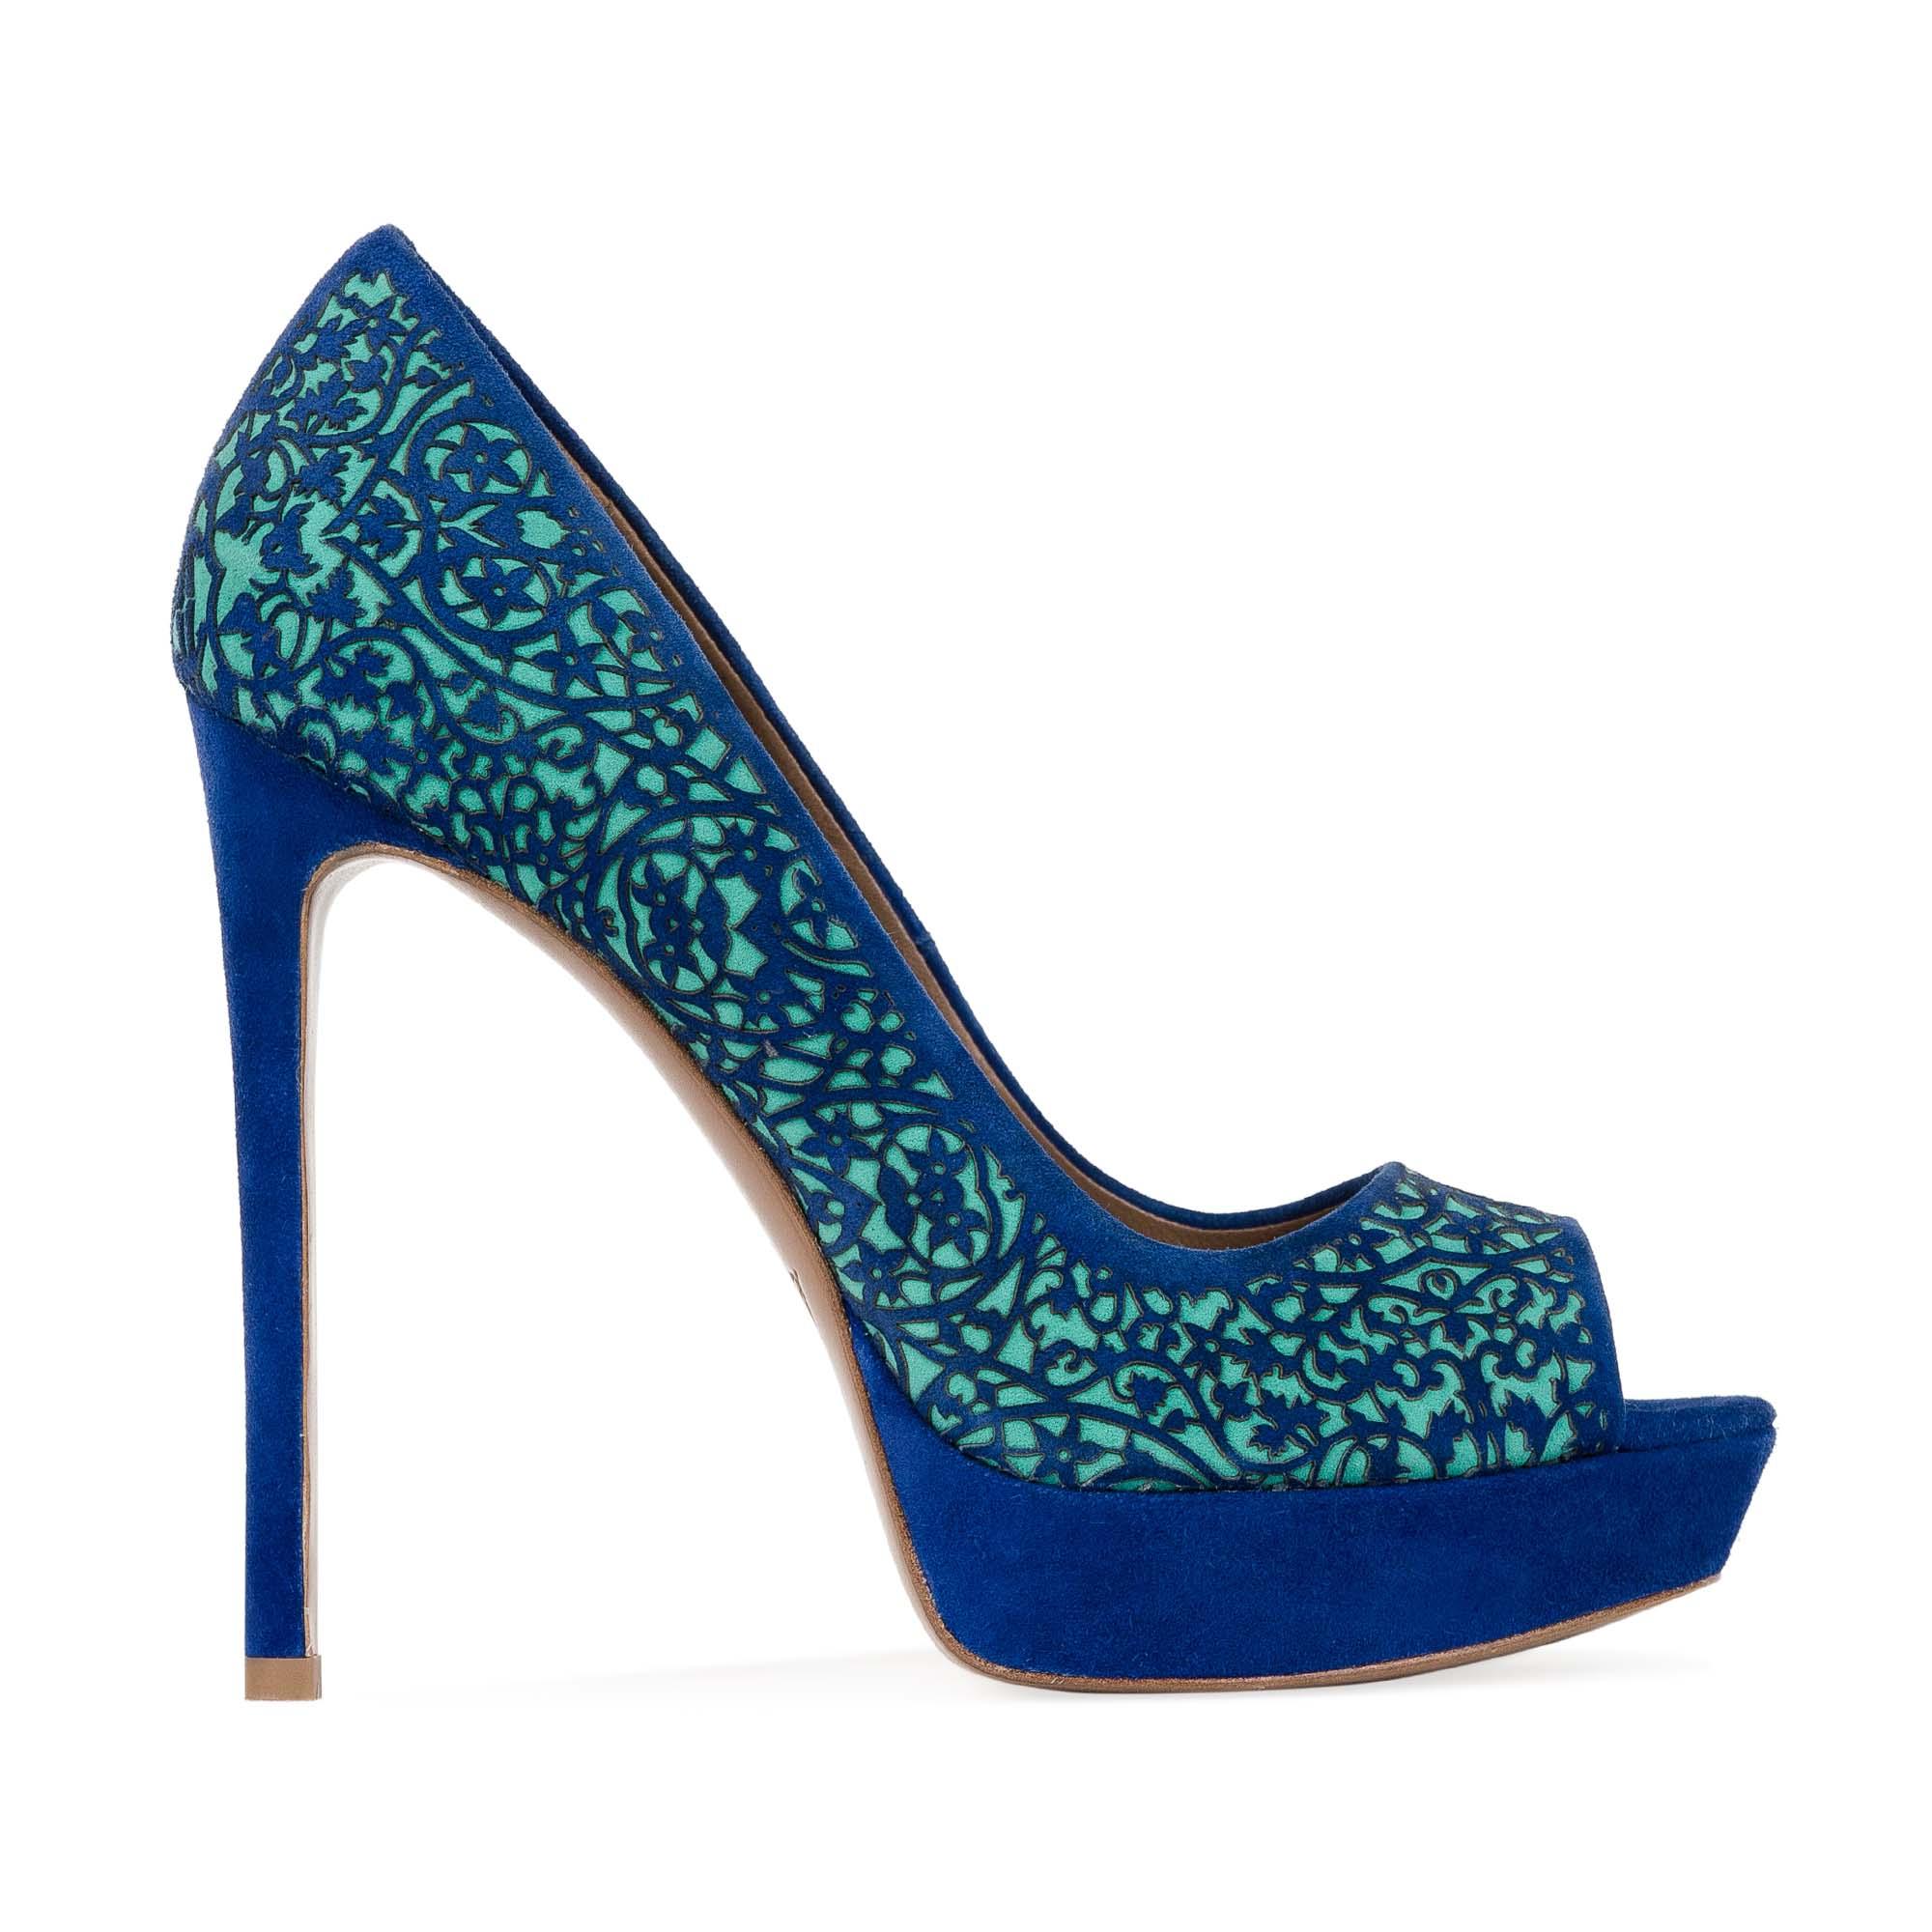 Замшевые туфли ультрамаринового цвета с цветочным орнаментом